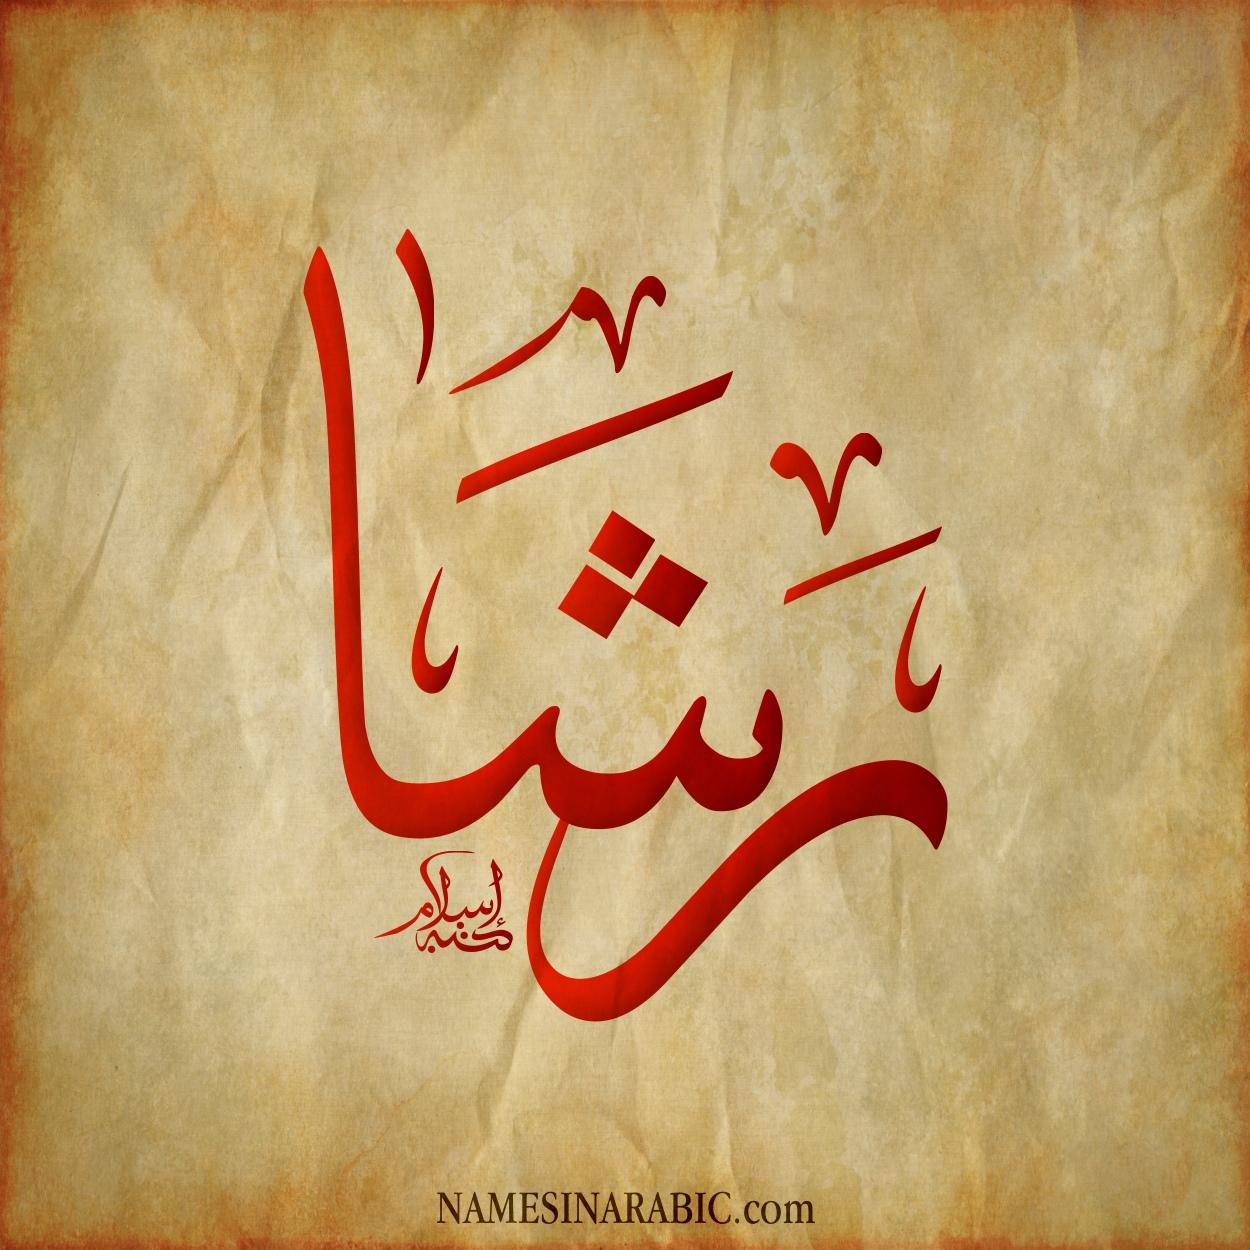 صورة اسم رشا Rsha اسم رشا بالخط العربي من موقع الأسماء بالخط العربي بريشة الفنان إسلام ابن الفضل